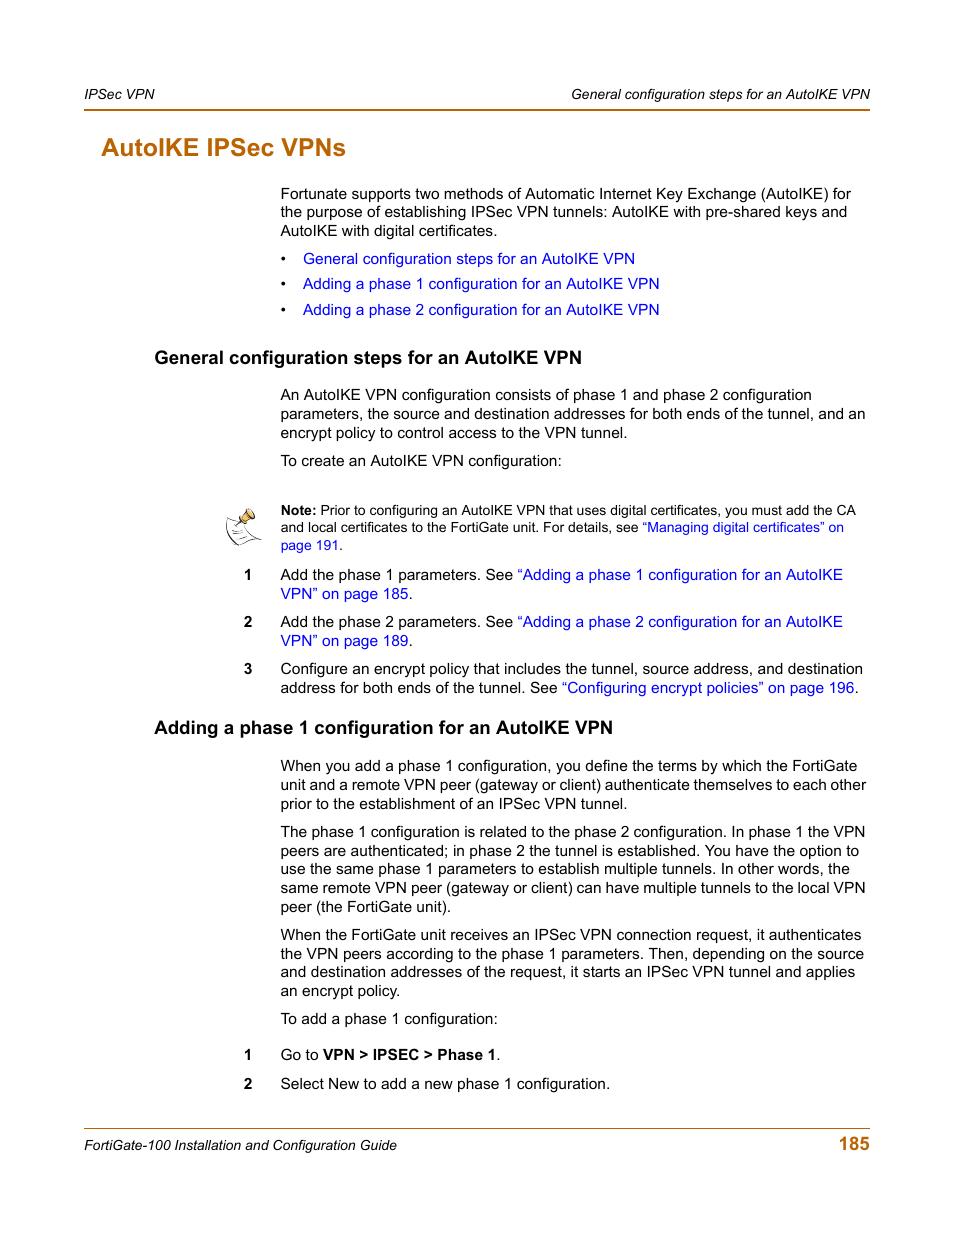 Autoike ipsec vpns, General configuration steps for an